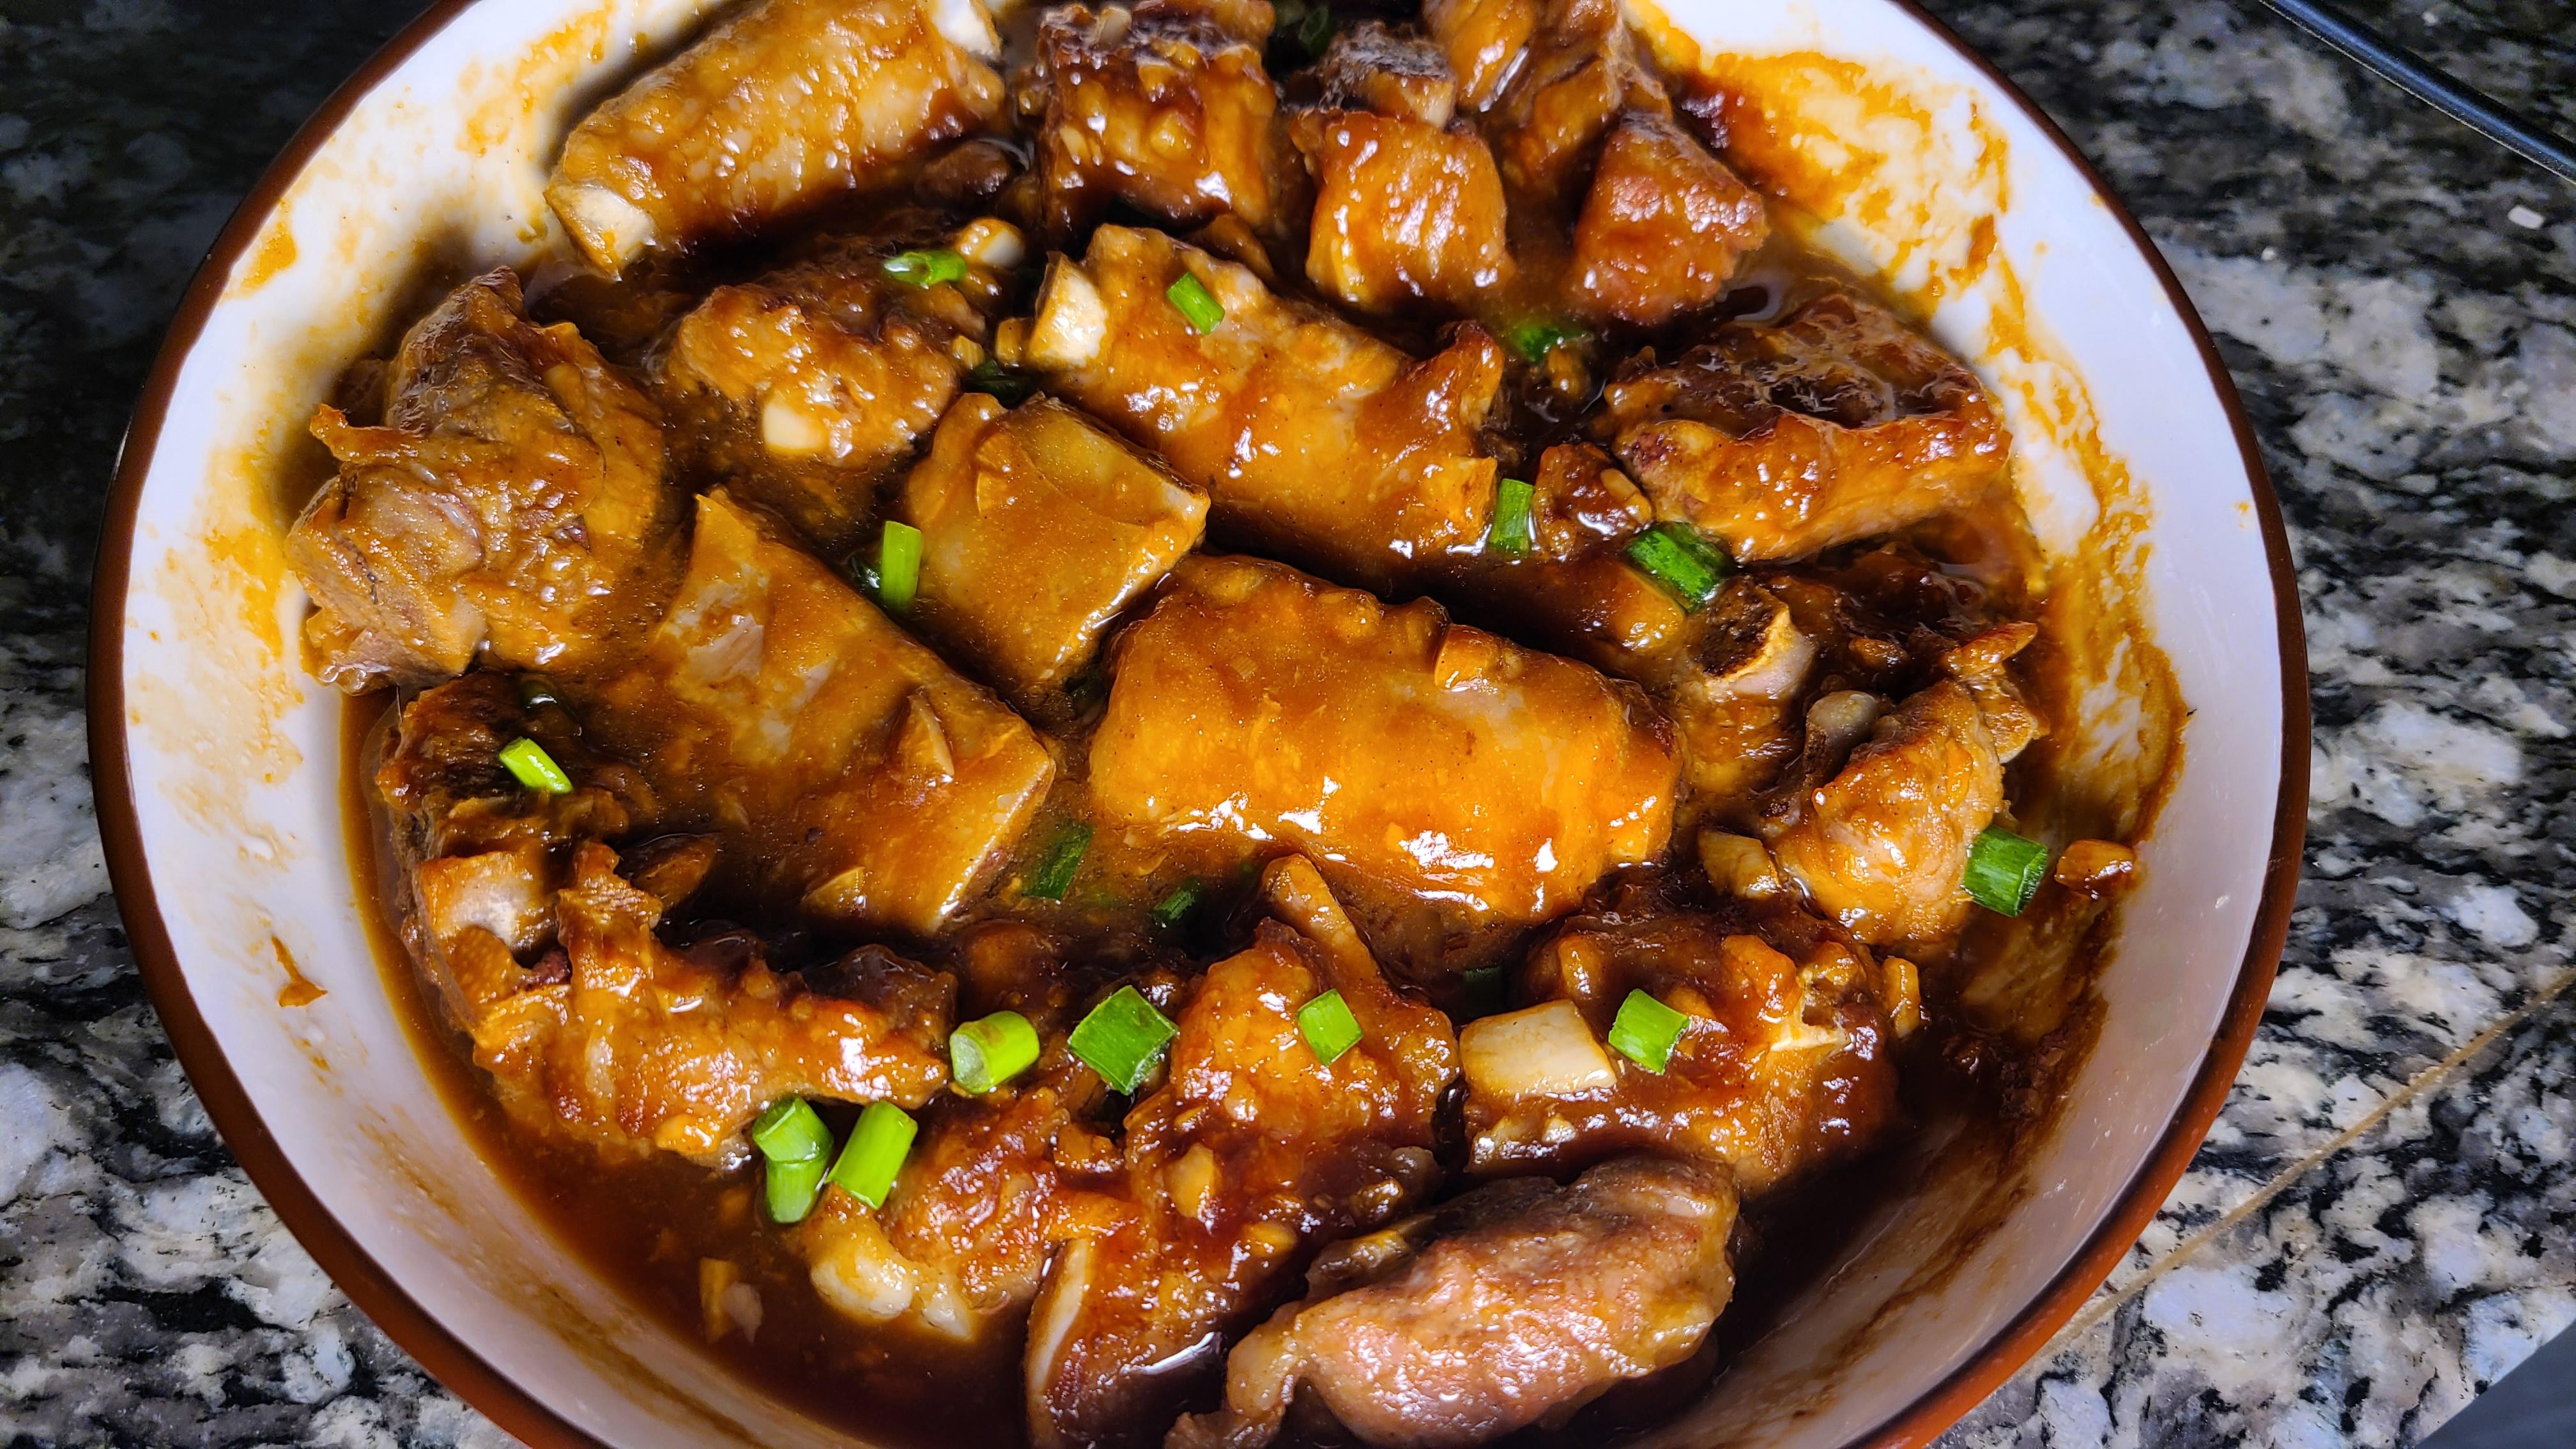 广东蒸排骨的做法,又香又美味,吃过还想吃,太香了 美食做法 第2张